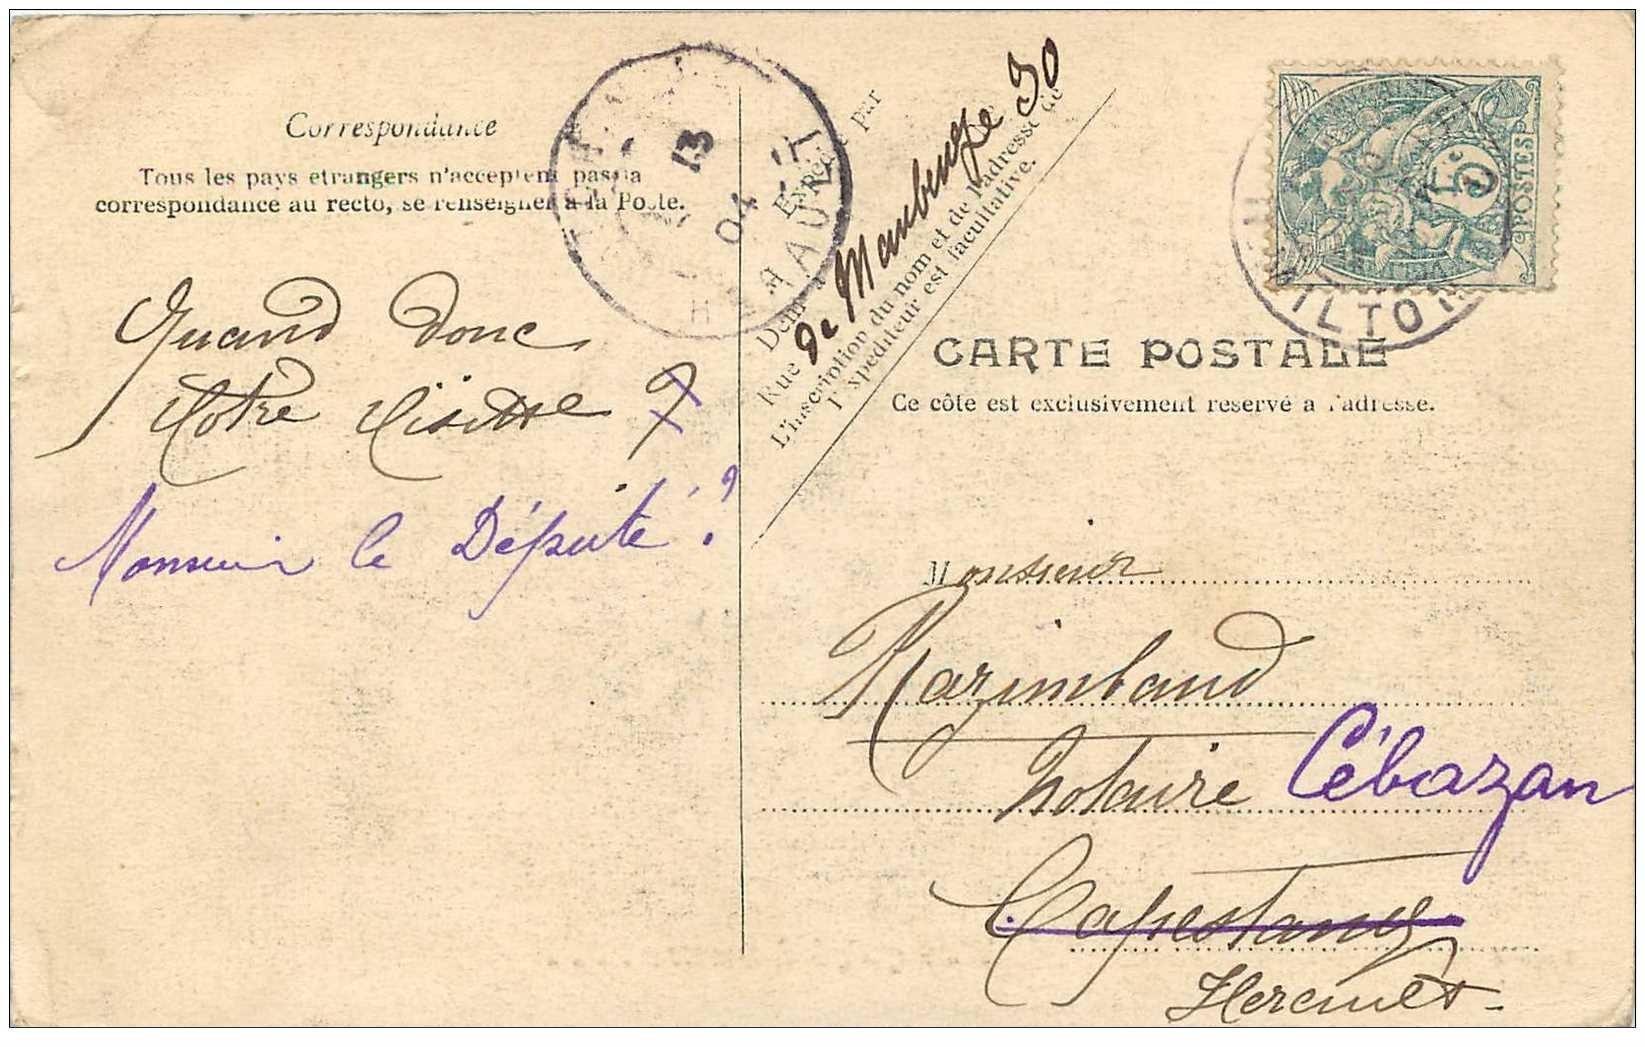 TRANSPORTS. Le Taxamètre pour Fiacres et futurs Taxix 1904. Taximètre Compteur tarifs pour courses